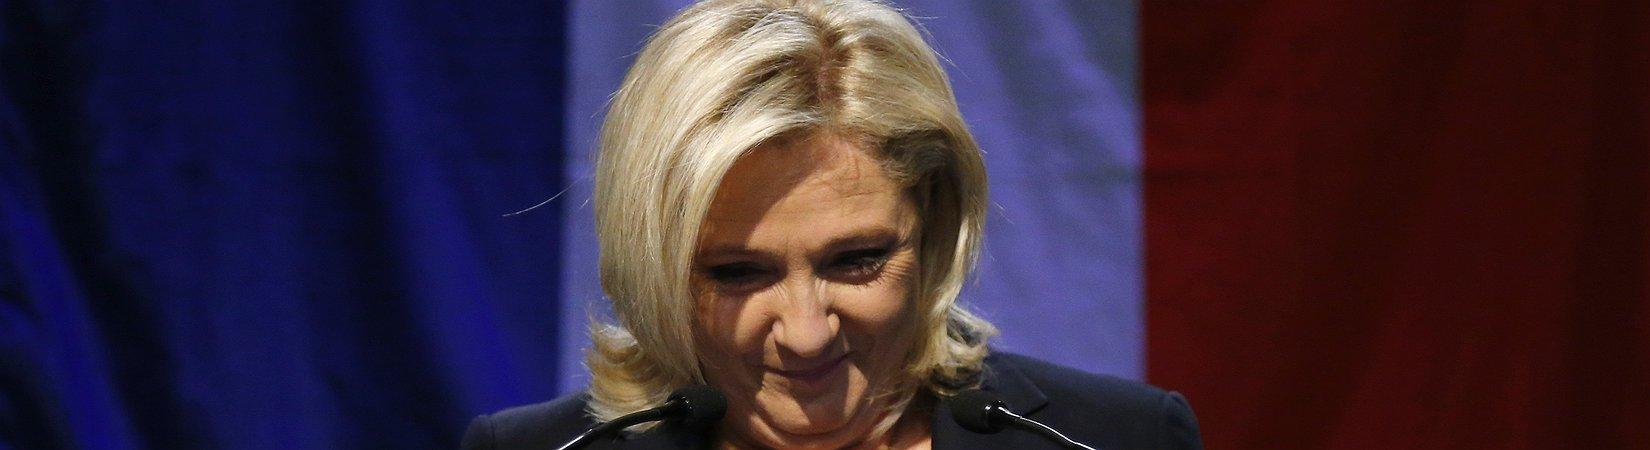 """La promessa di Marine Le Pen: """"Francia fuori da Nato e Ue"""""""